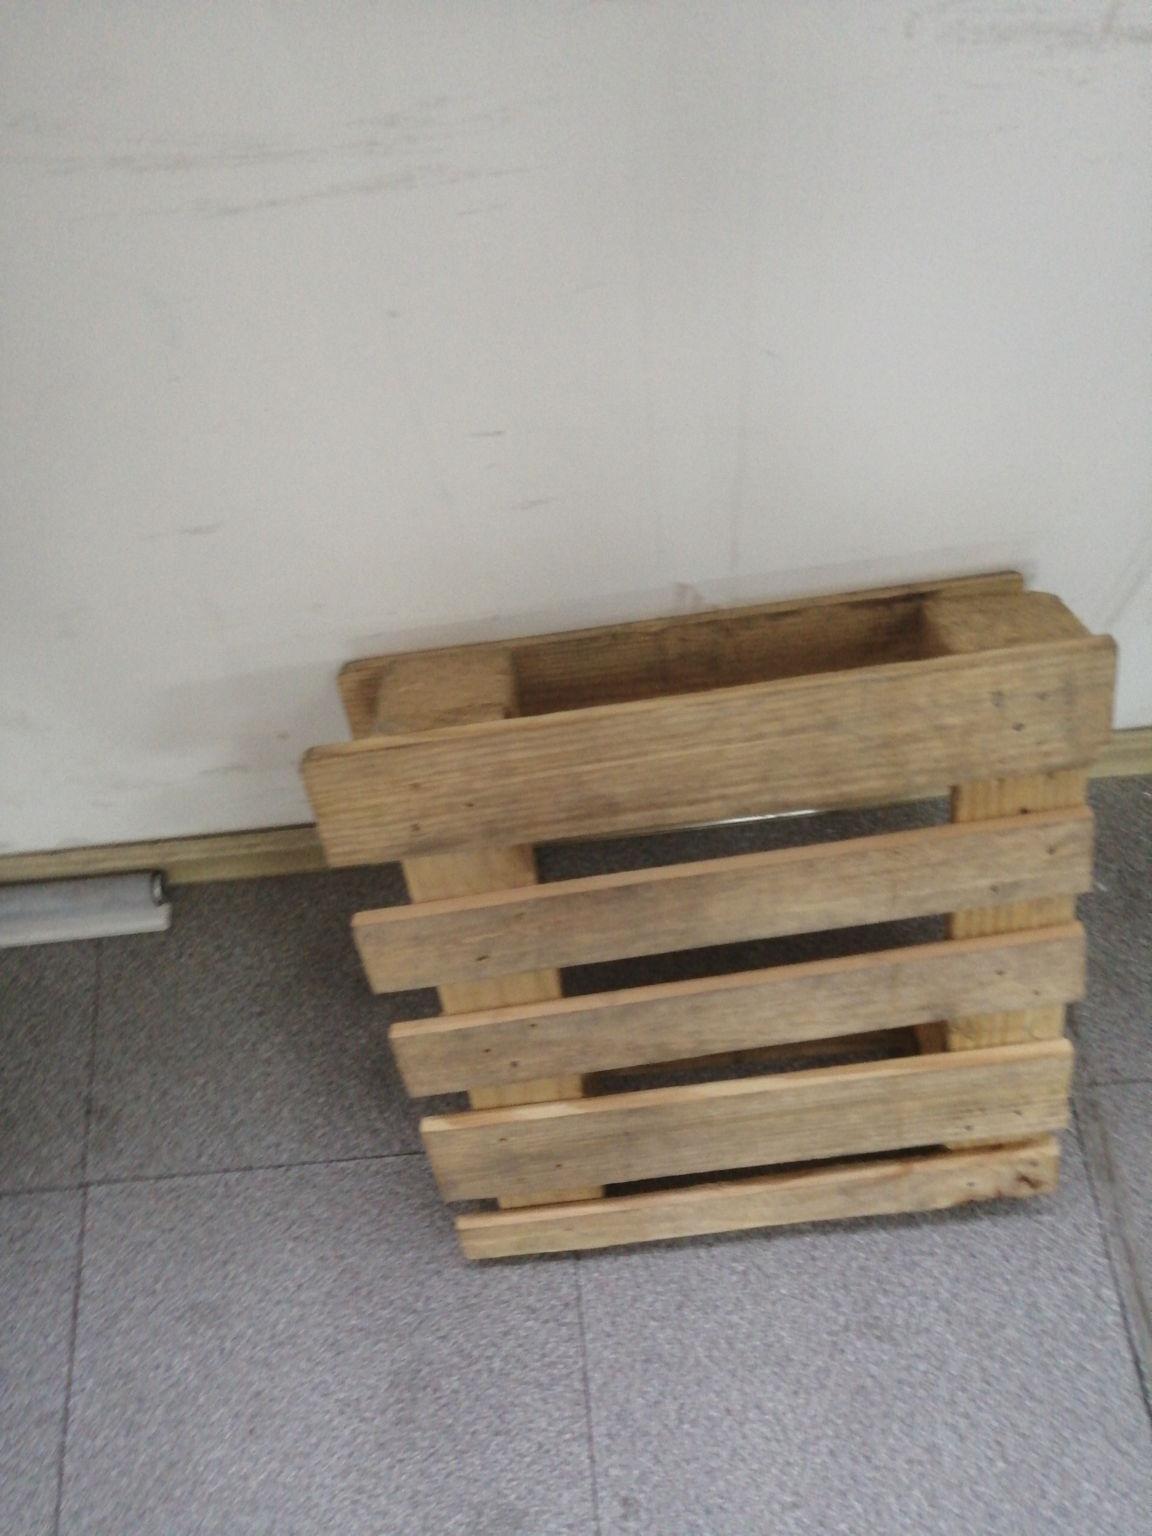 ??,↕☈ぃ┿Ⓐ阳木制工艺品-??,⅙ 阳木制工艺品厂家、品??,【☪☄╠ℙ、图片、热帖